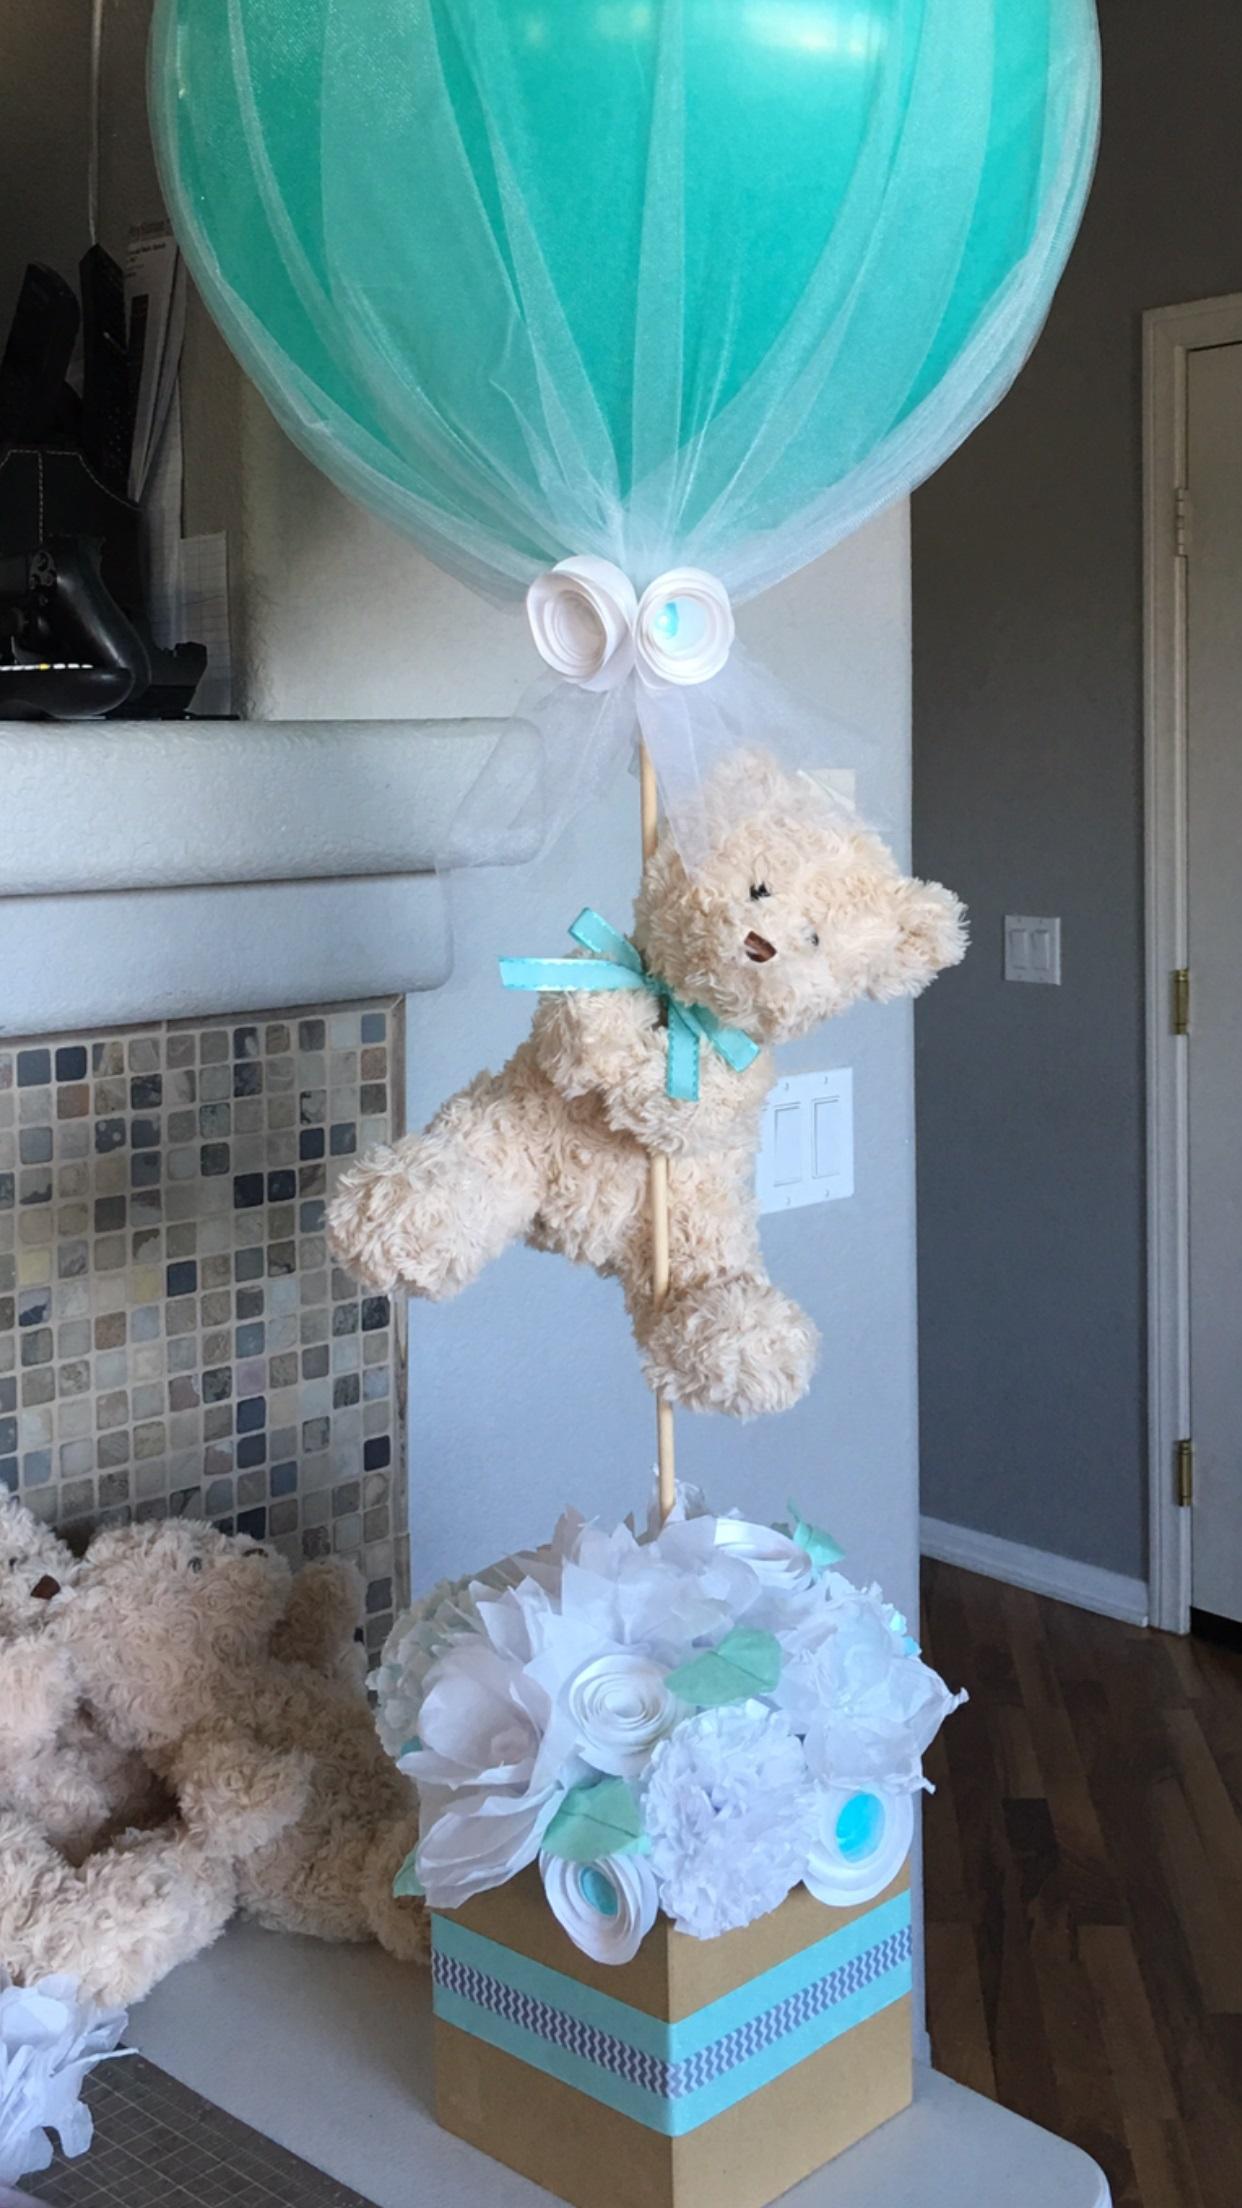 Idei decorare baie bebeluș cu balon și ursuleț de pluș